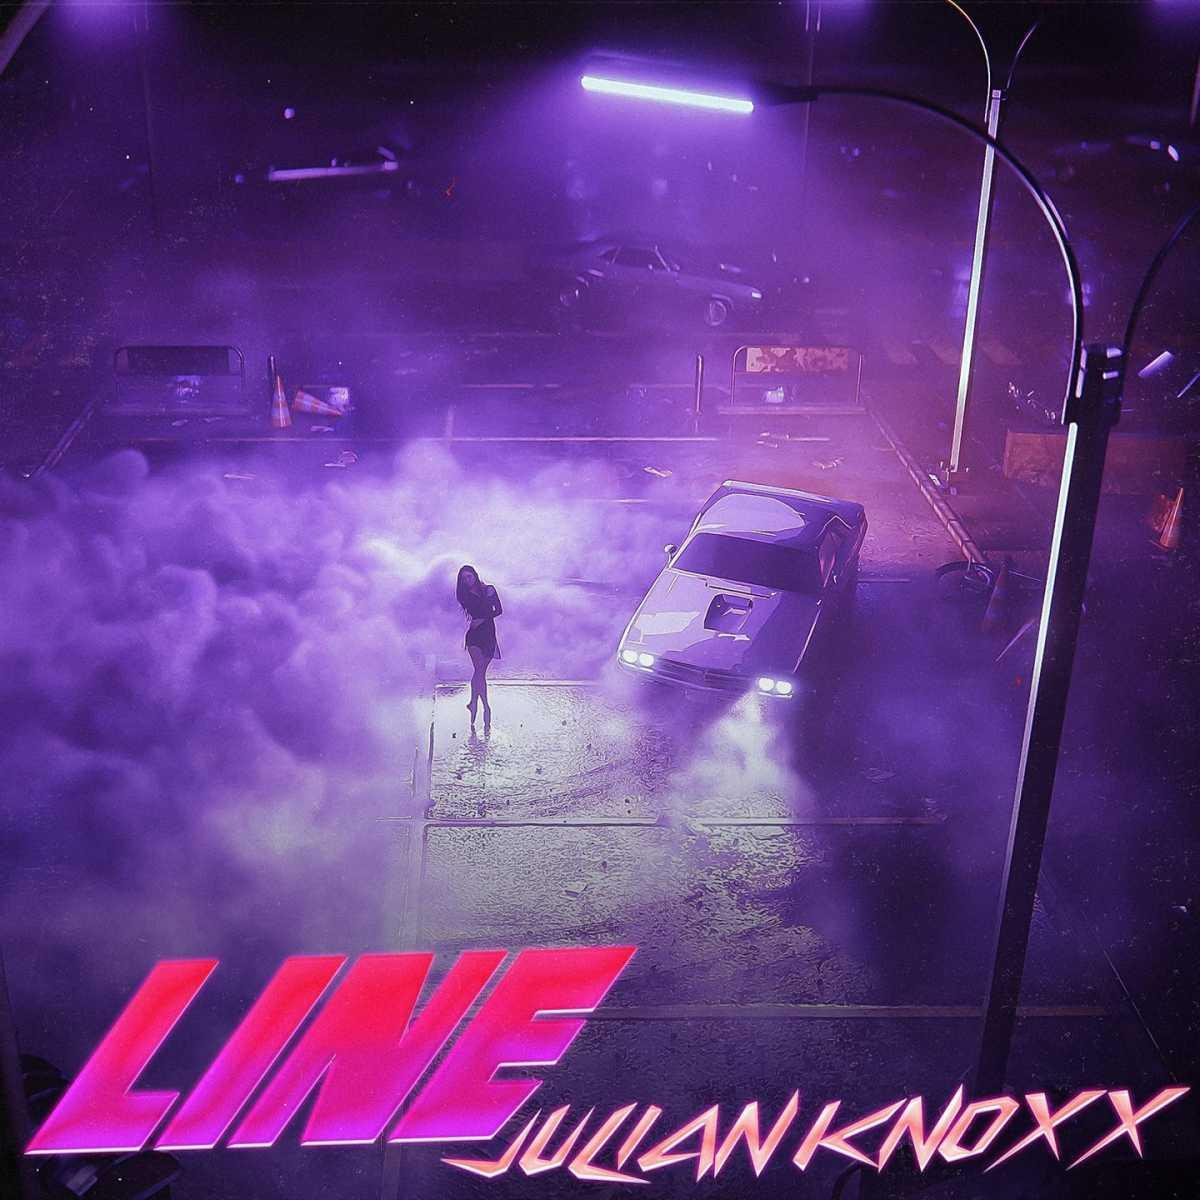 JULIAN KNOXX Line